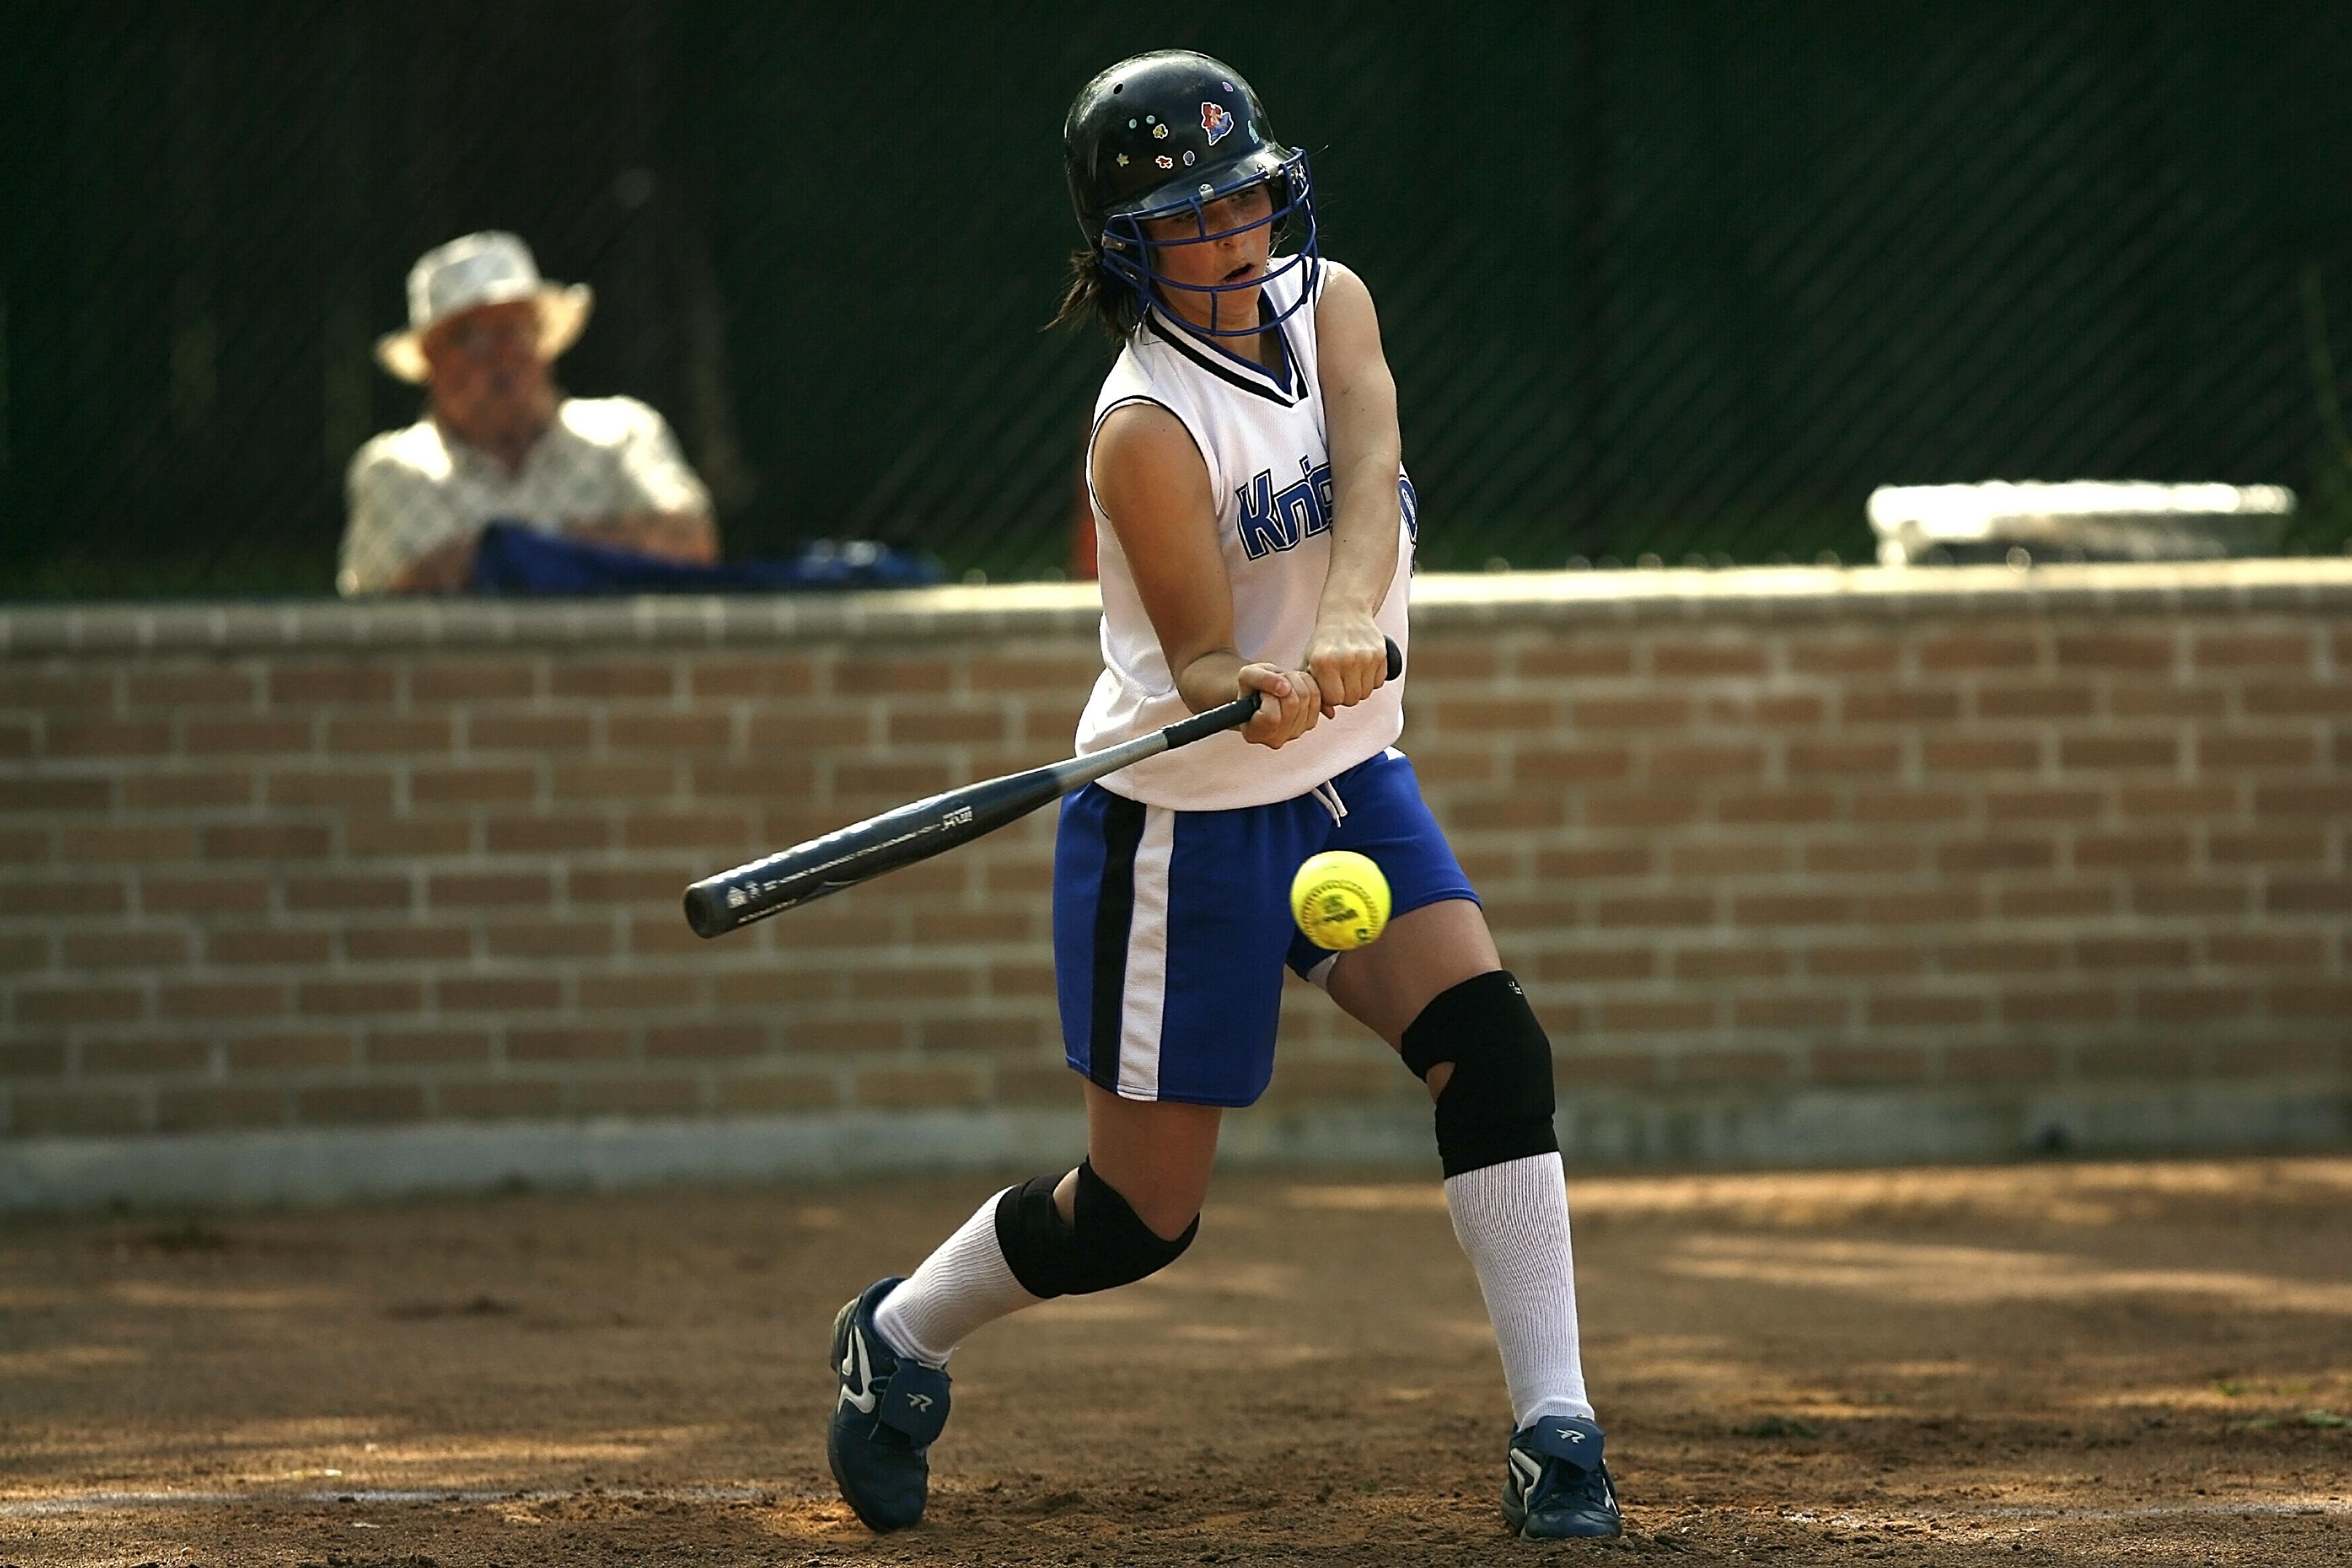 Woman swinging a softball bat